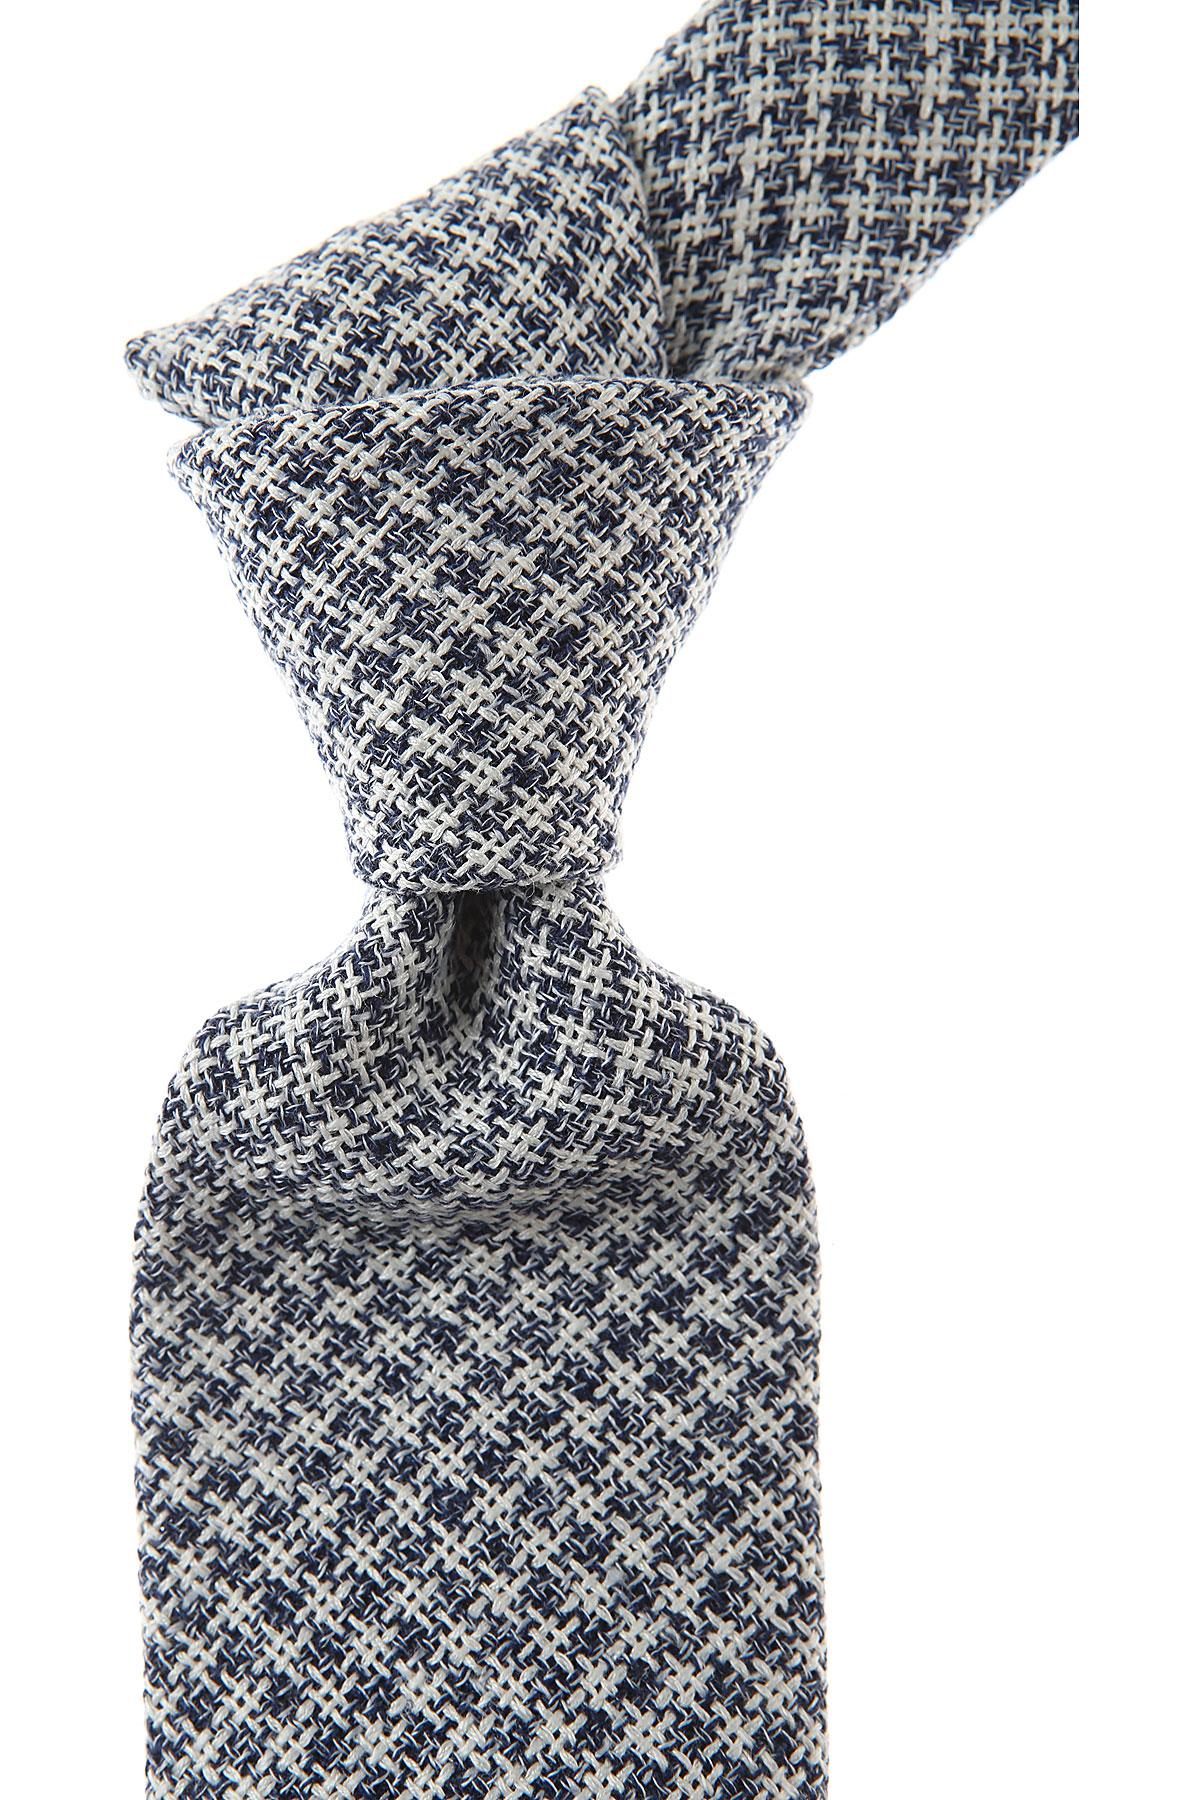 Belvest Cravates Pas cher en Soldes, Bleu marine, Soie, 2017